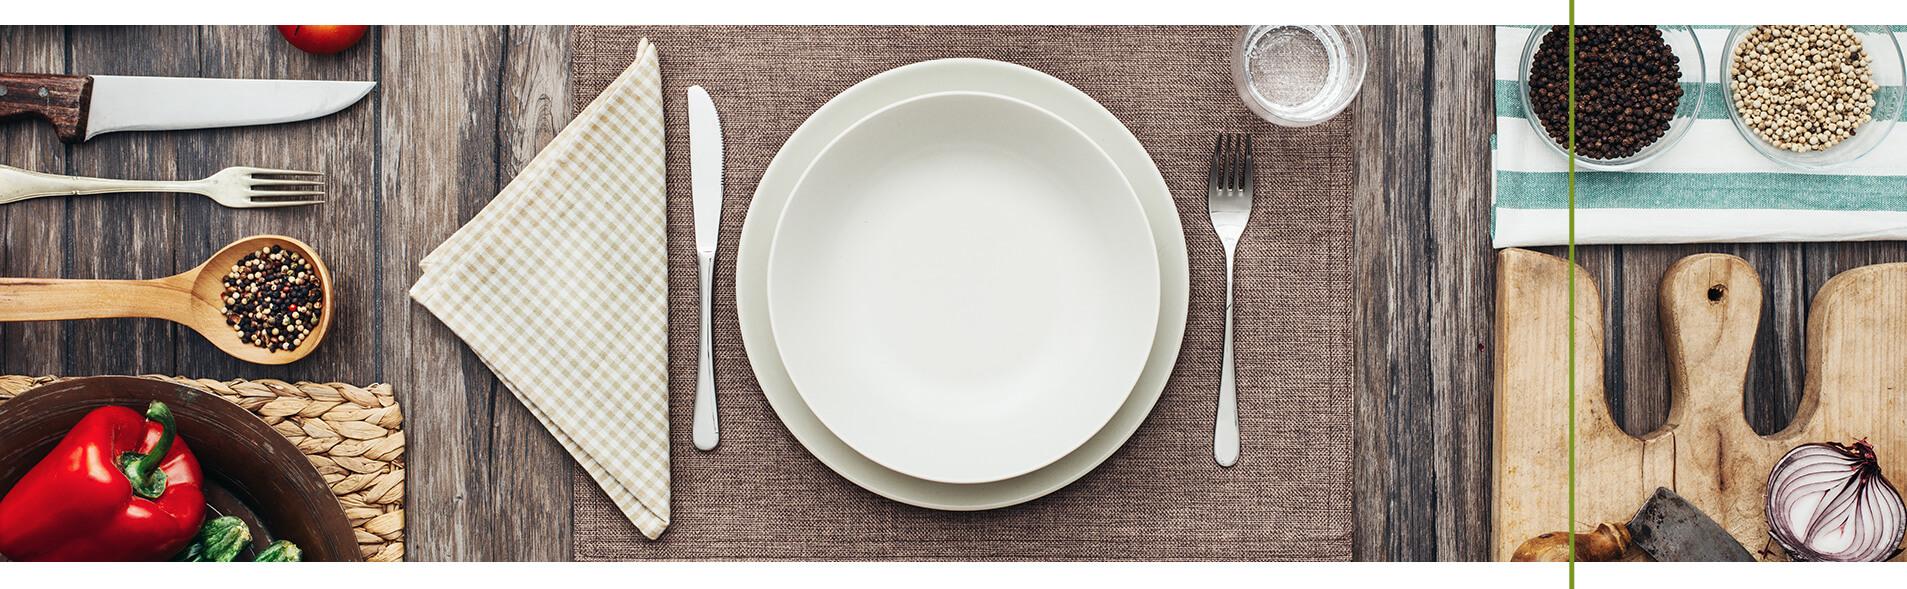 Głodni kupują więcej